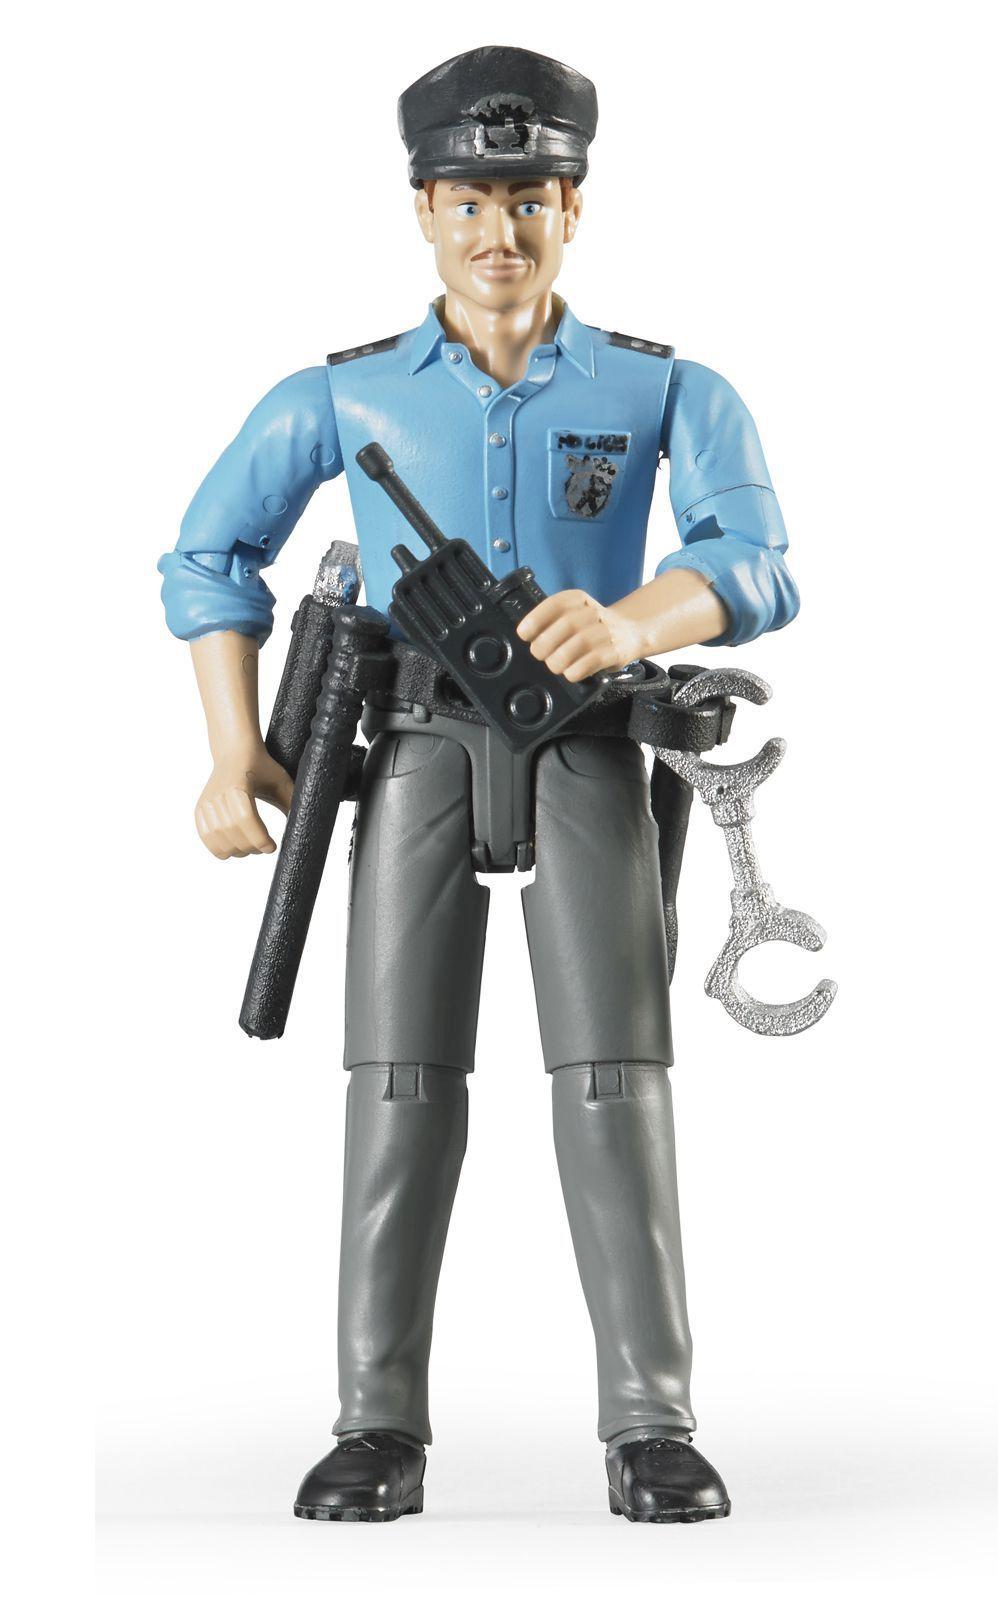 Bruder 60050 Figurka Policista světlá pleť s příslušenstvím 9678964ab1